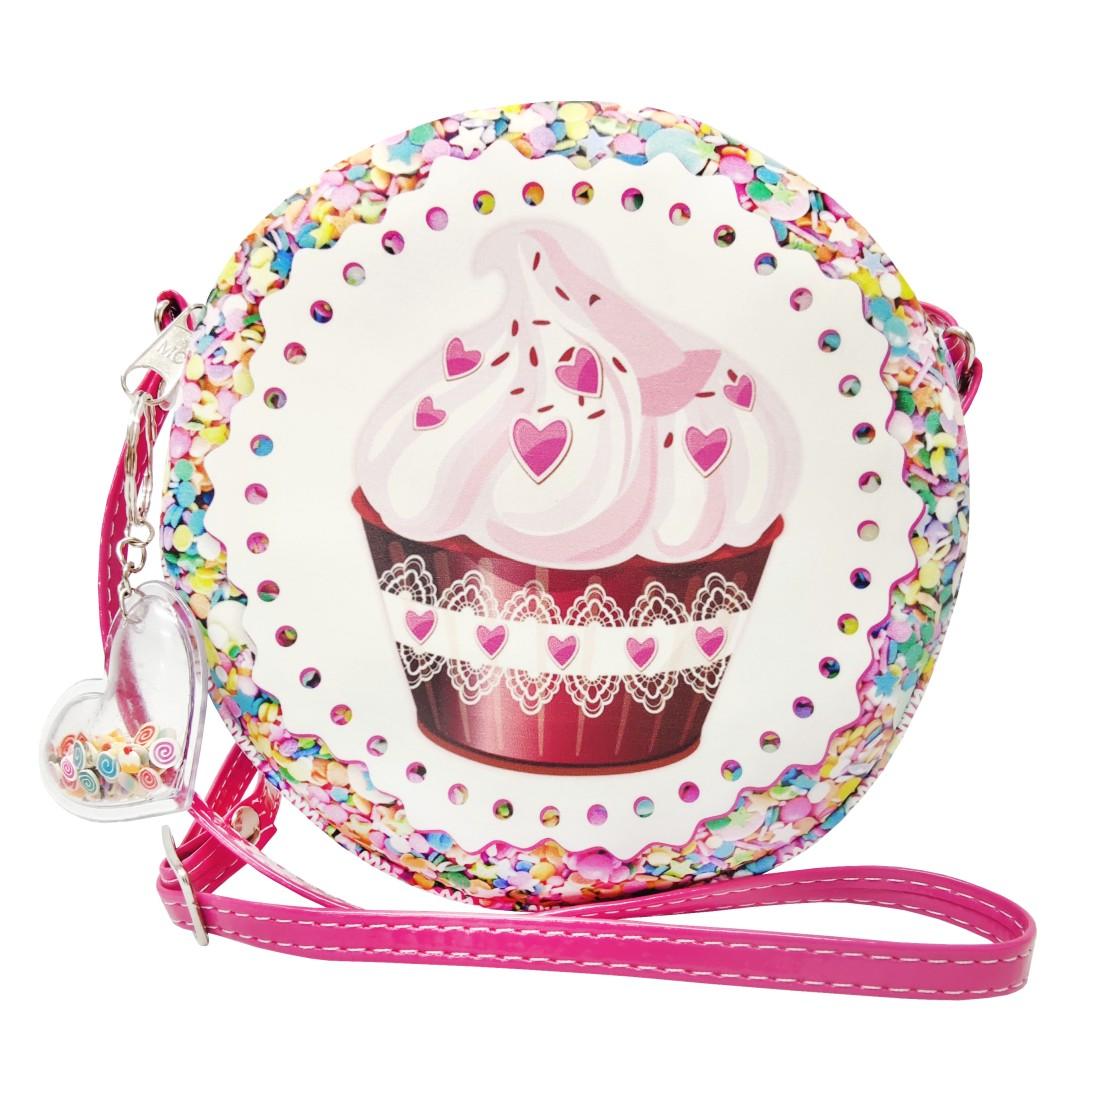 Kit Infantil Bolsa e Estojo Cupcake, Magicc